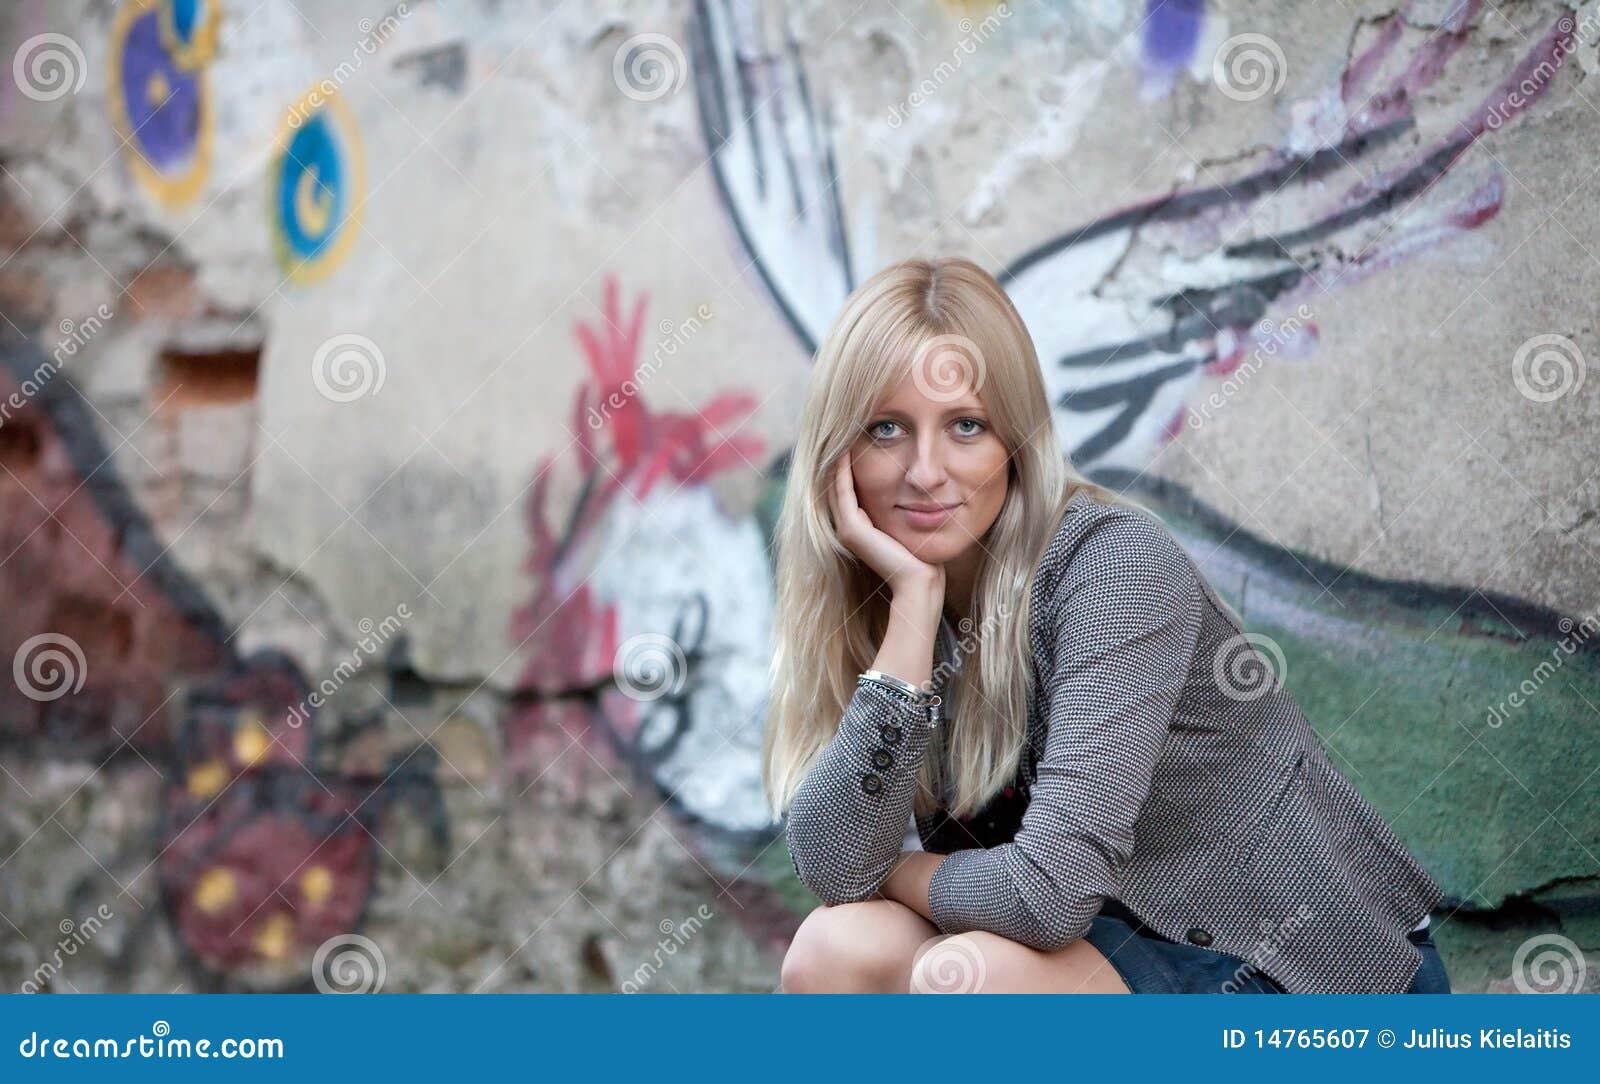 Portret van een mooie blonde vrouw